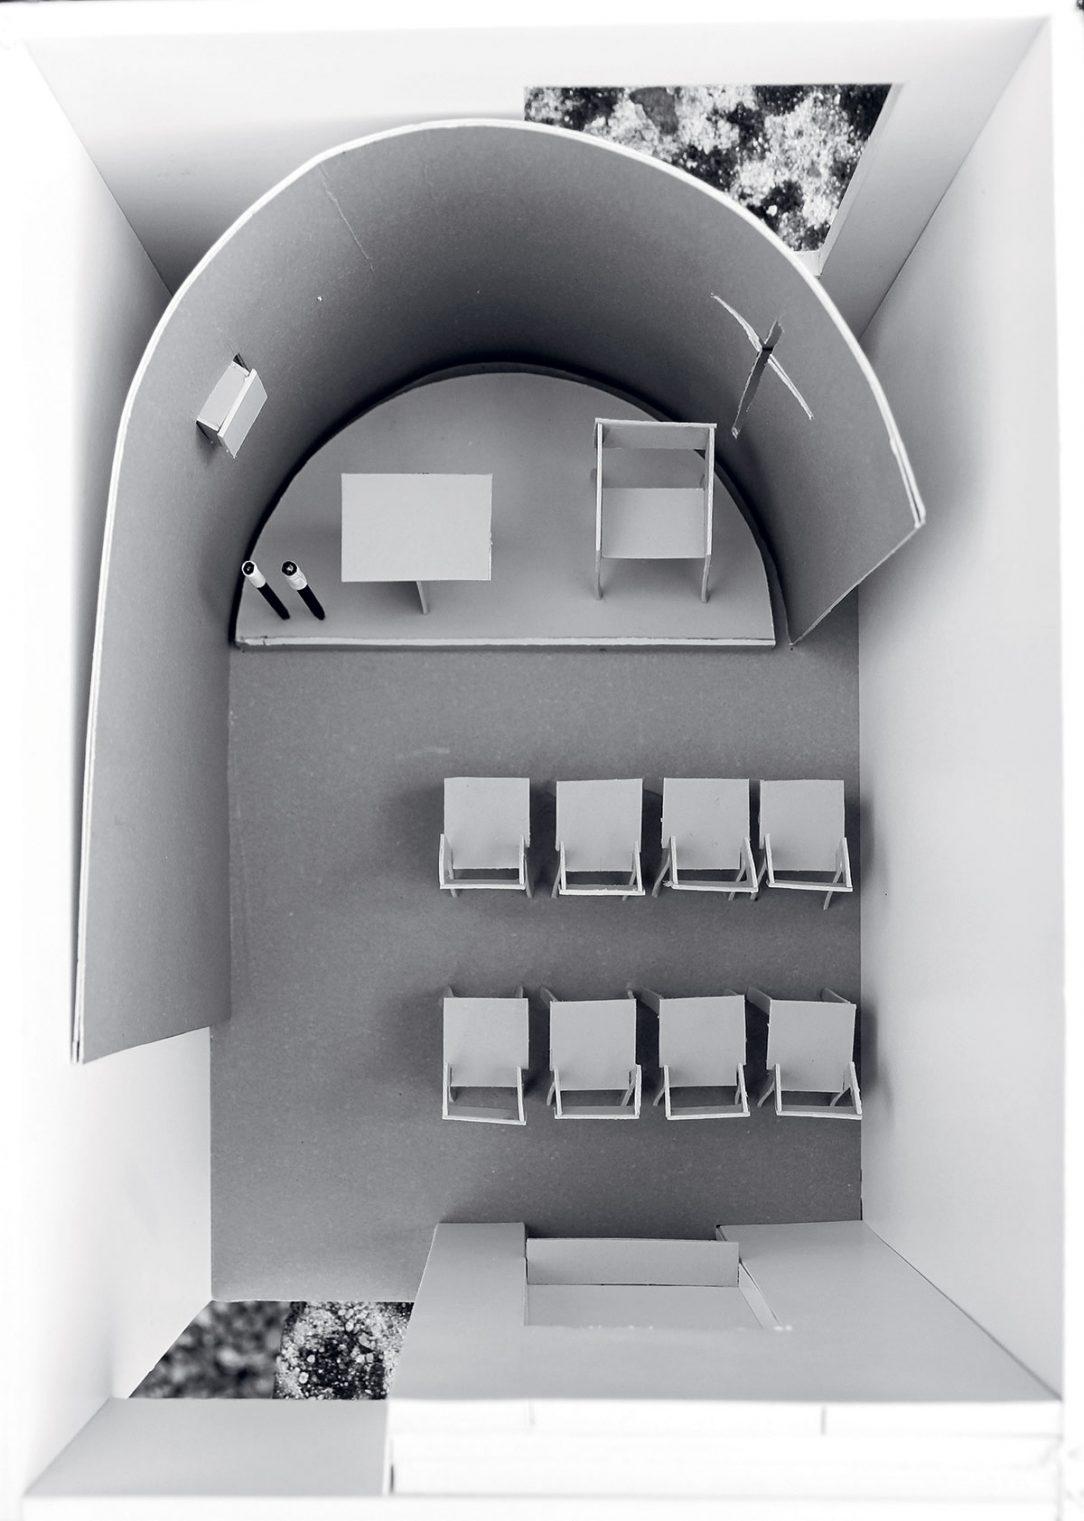 Model ozřejmující fungování křížové štěrbiny ve stěně.